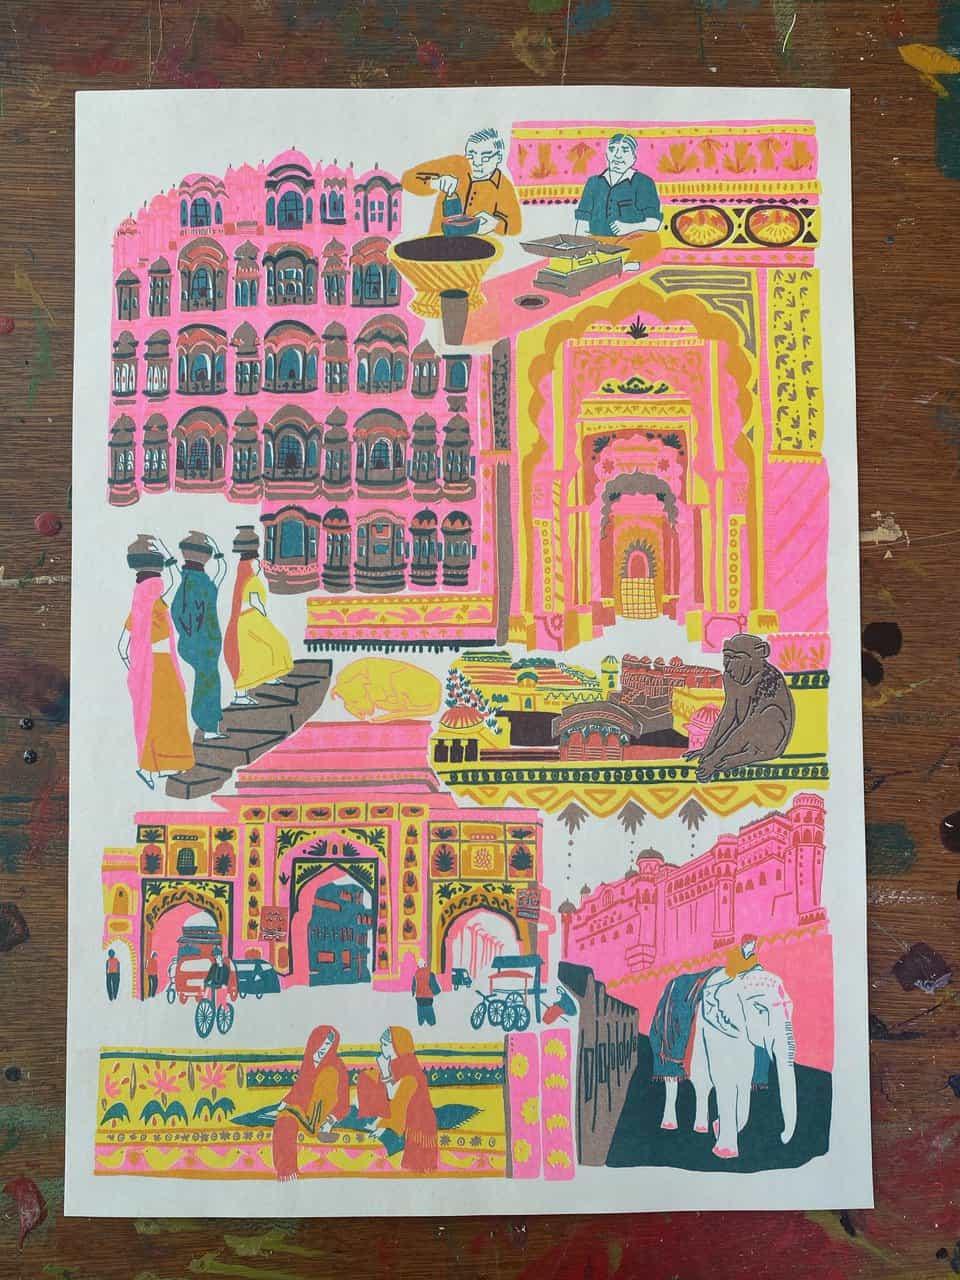 East End Press: Impresiones de la India (Copyright © East End Press, 2021)